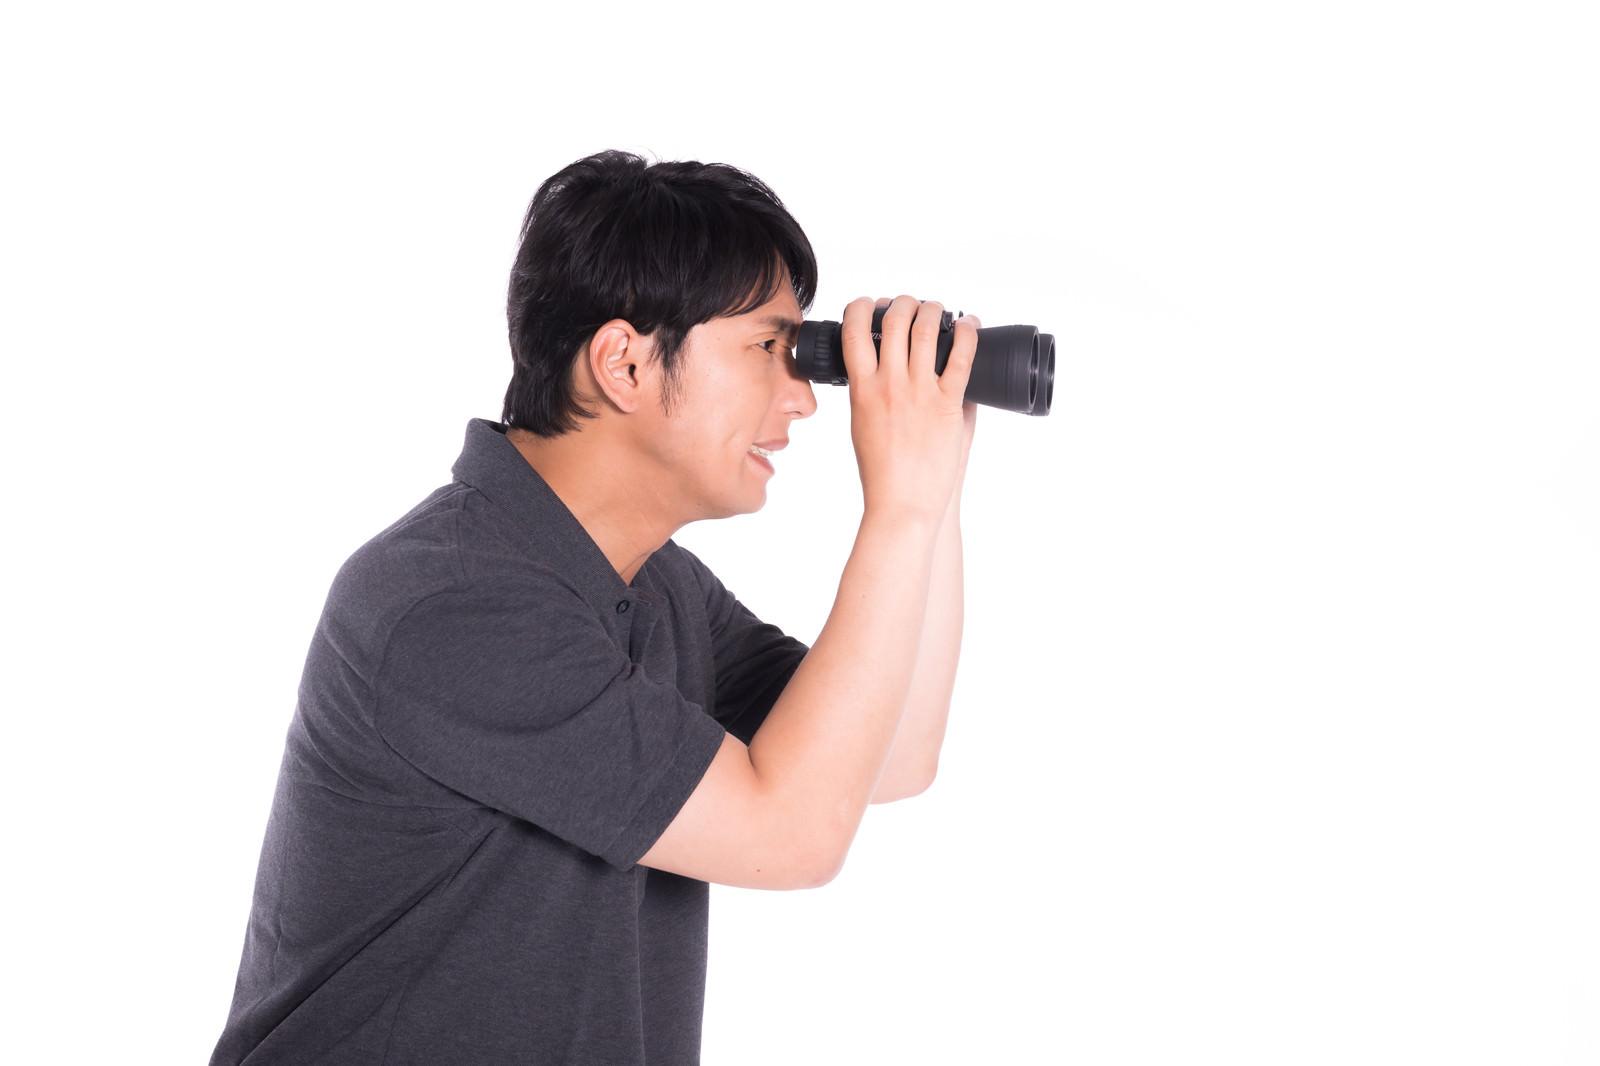 「遠すぎて双眼鏡でもなかなか見えづらい」の写真[モデル:大川竜弥]